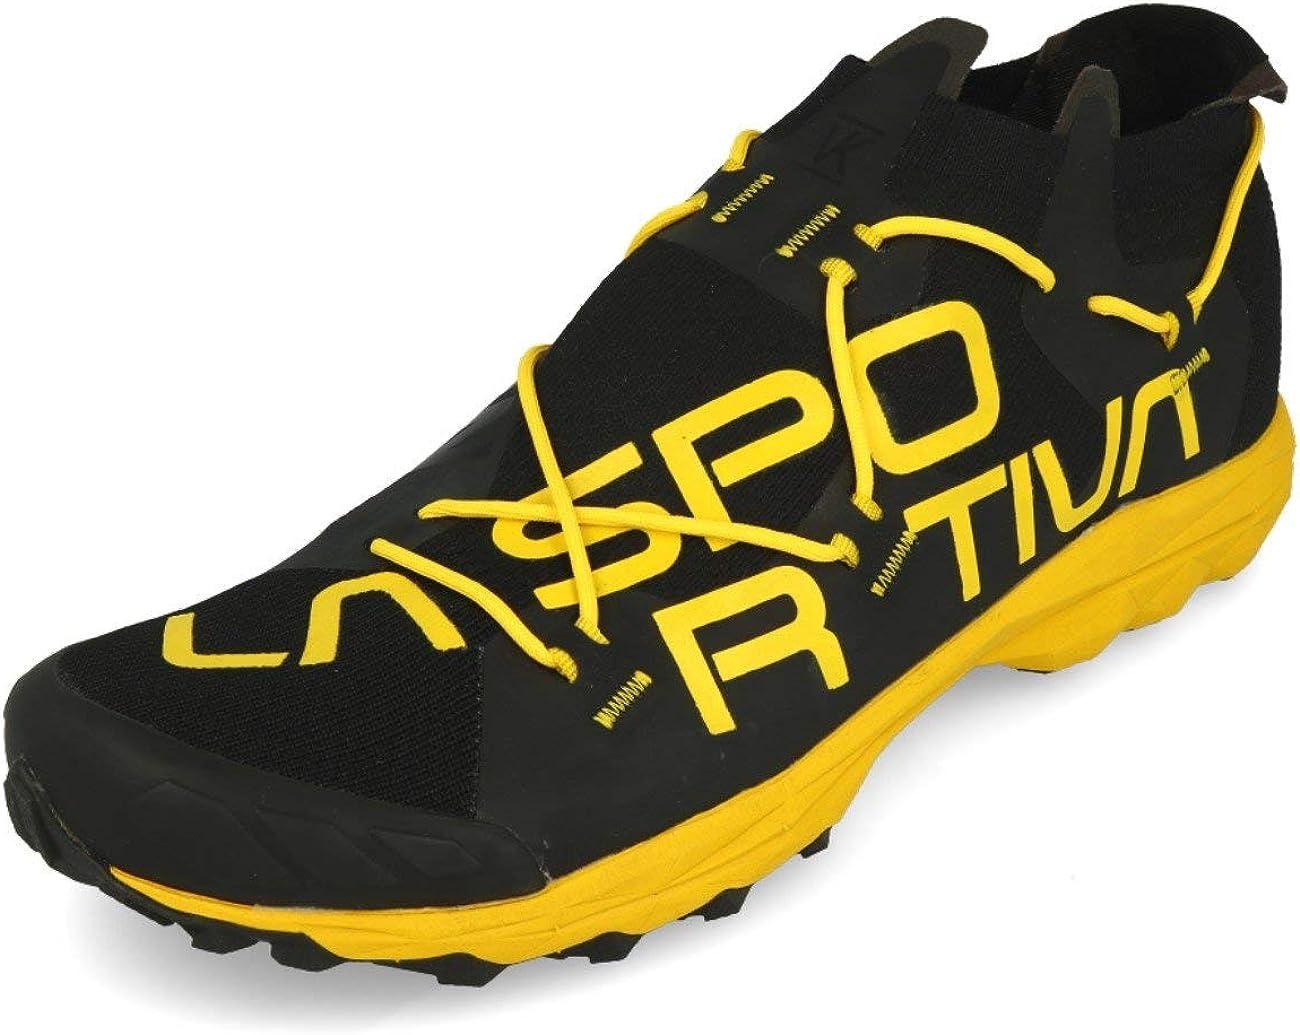 La Sportiva Vk, Zapatillas de Trail Running para Hombre: Amazon.es: Zapatos y complementos